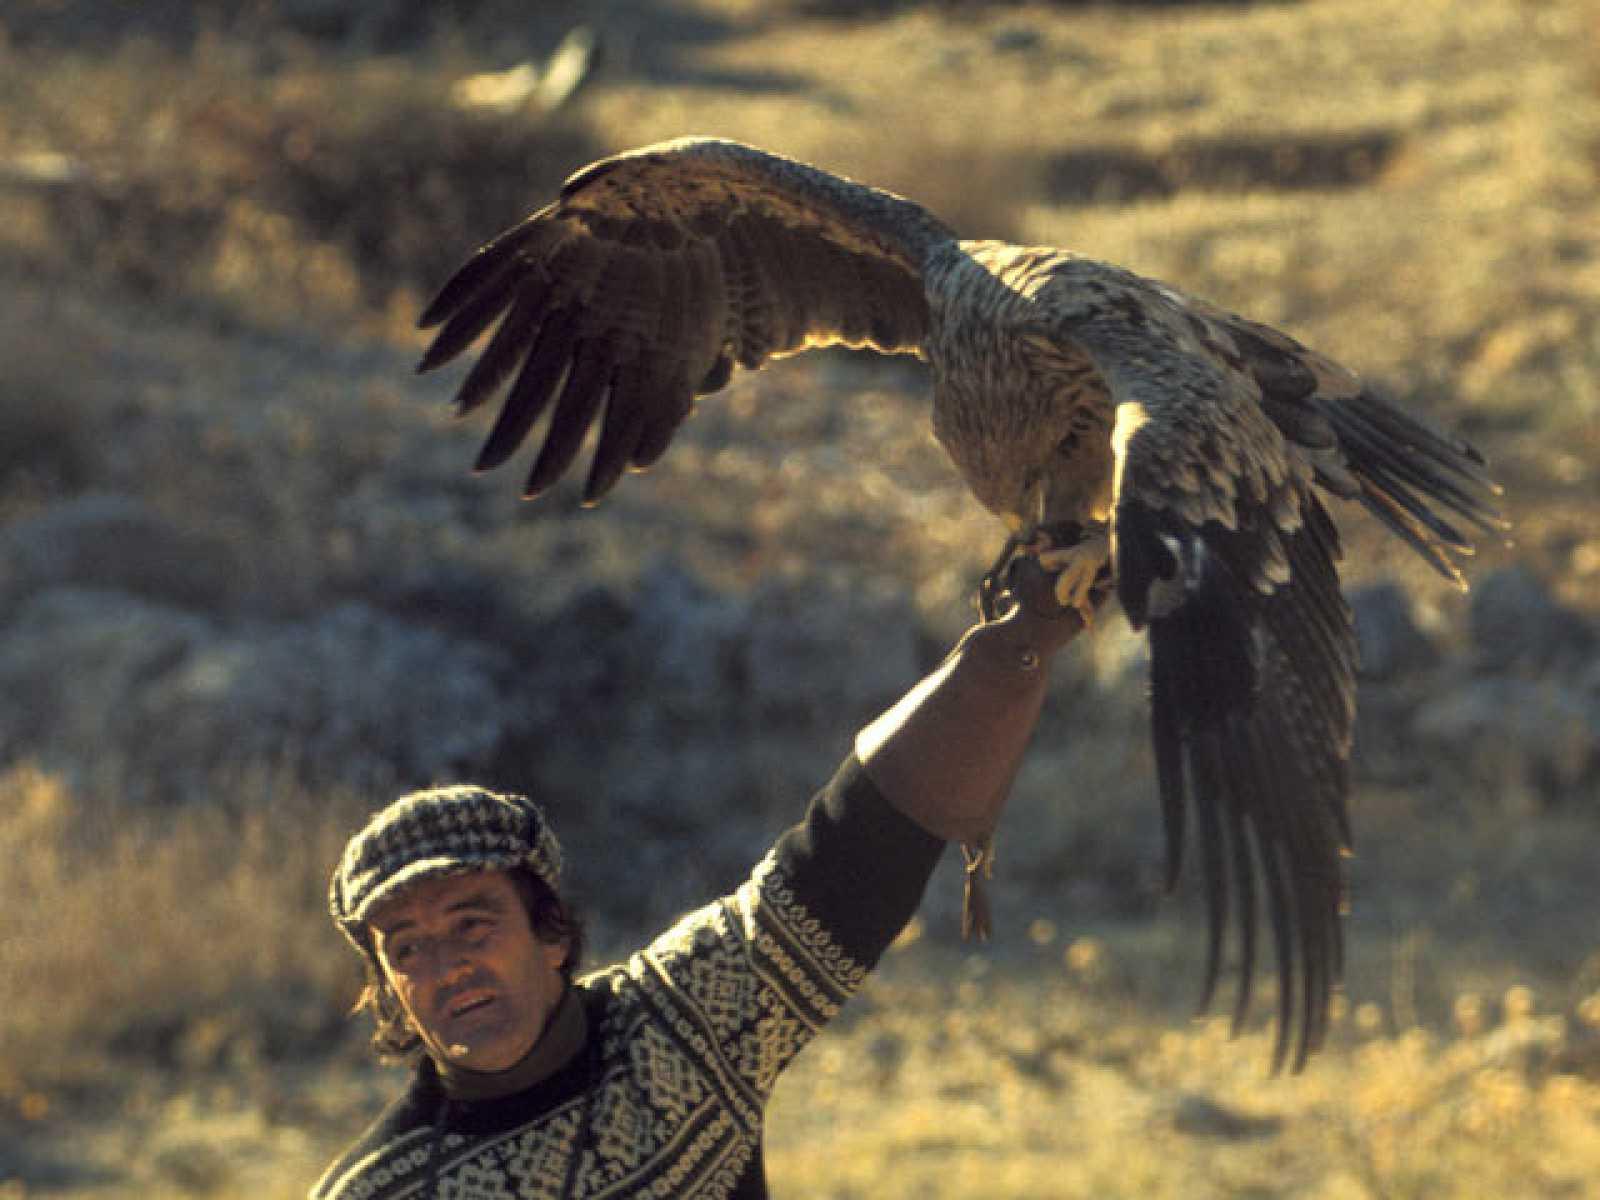 La doma del águila real para cazar raposos